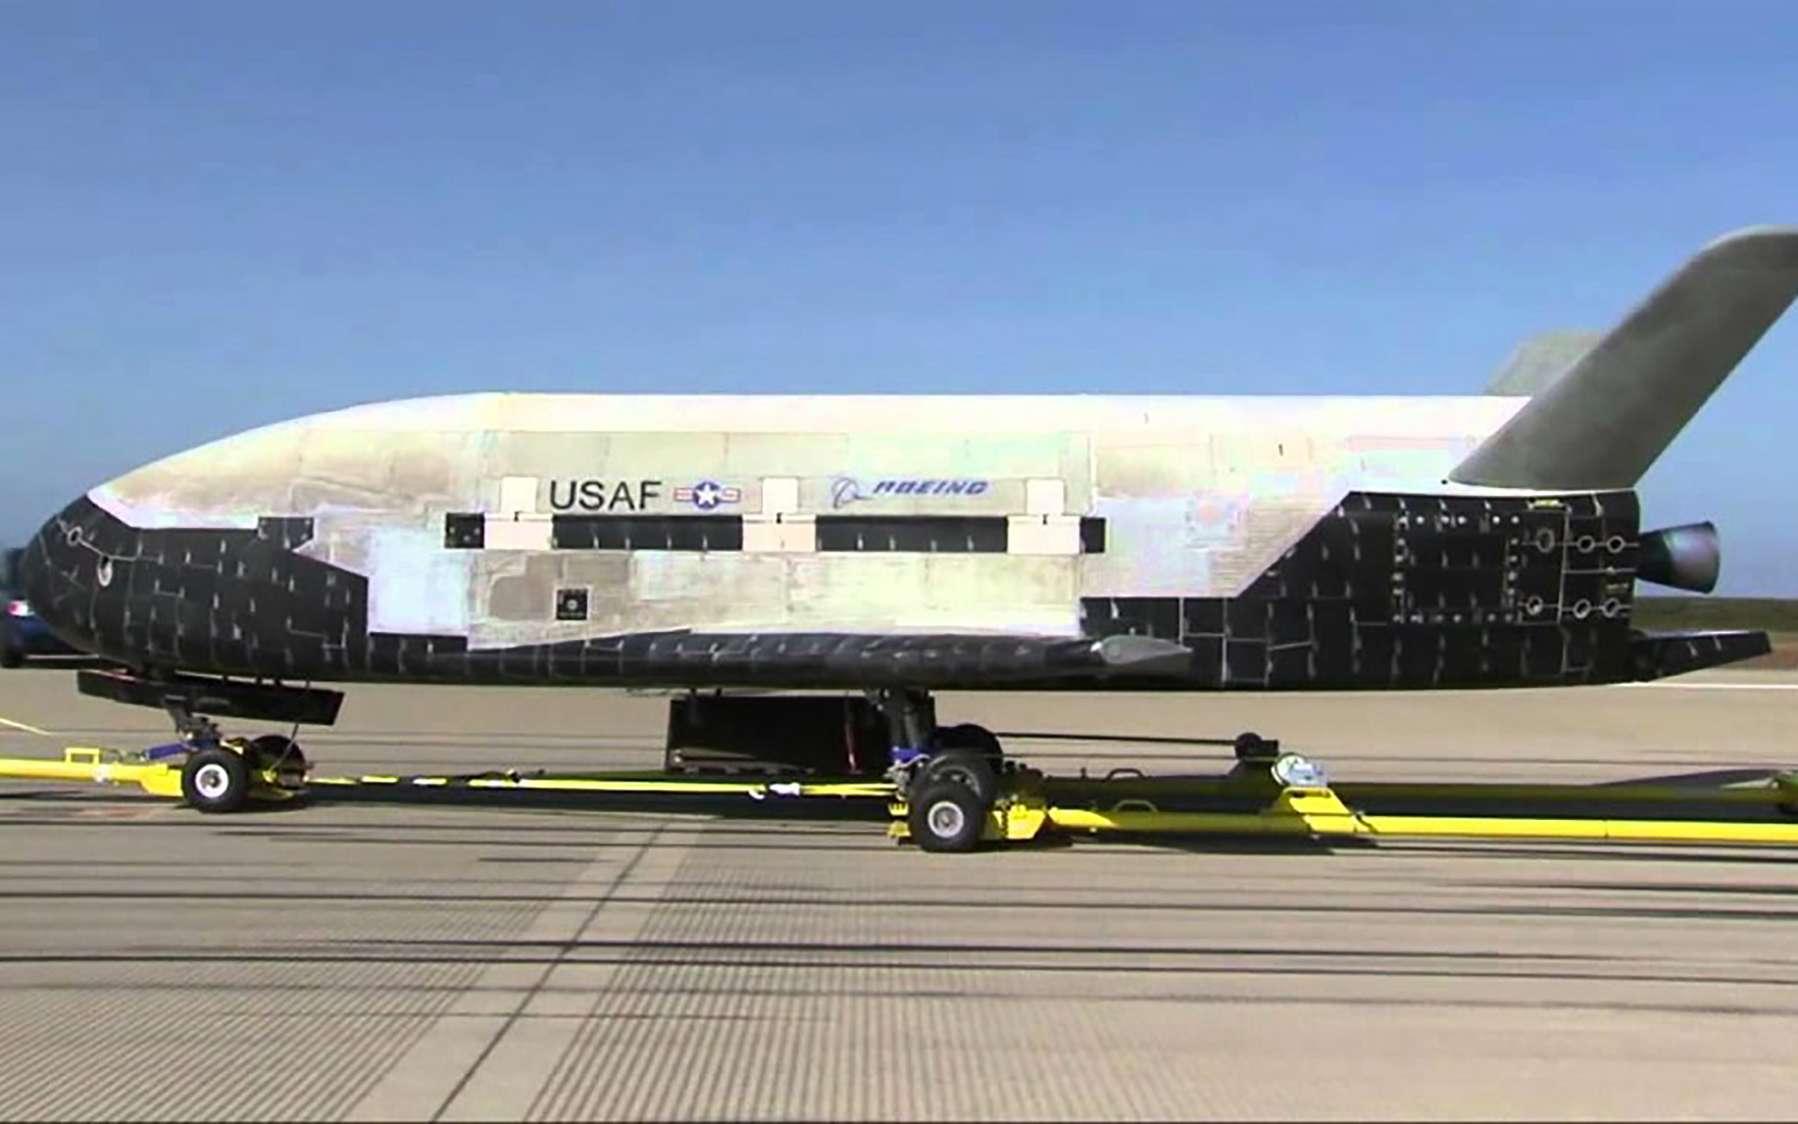 Un des deux X-37B en service du programme Orbital Test Vehicle (OTV). Il est vu ici après une mission de retour d'orbite. © U.S. Air Force, Nasa